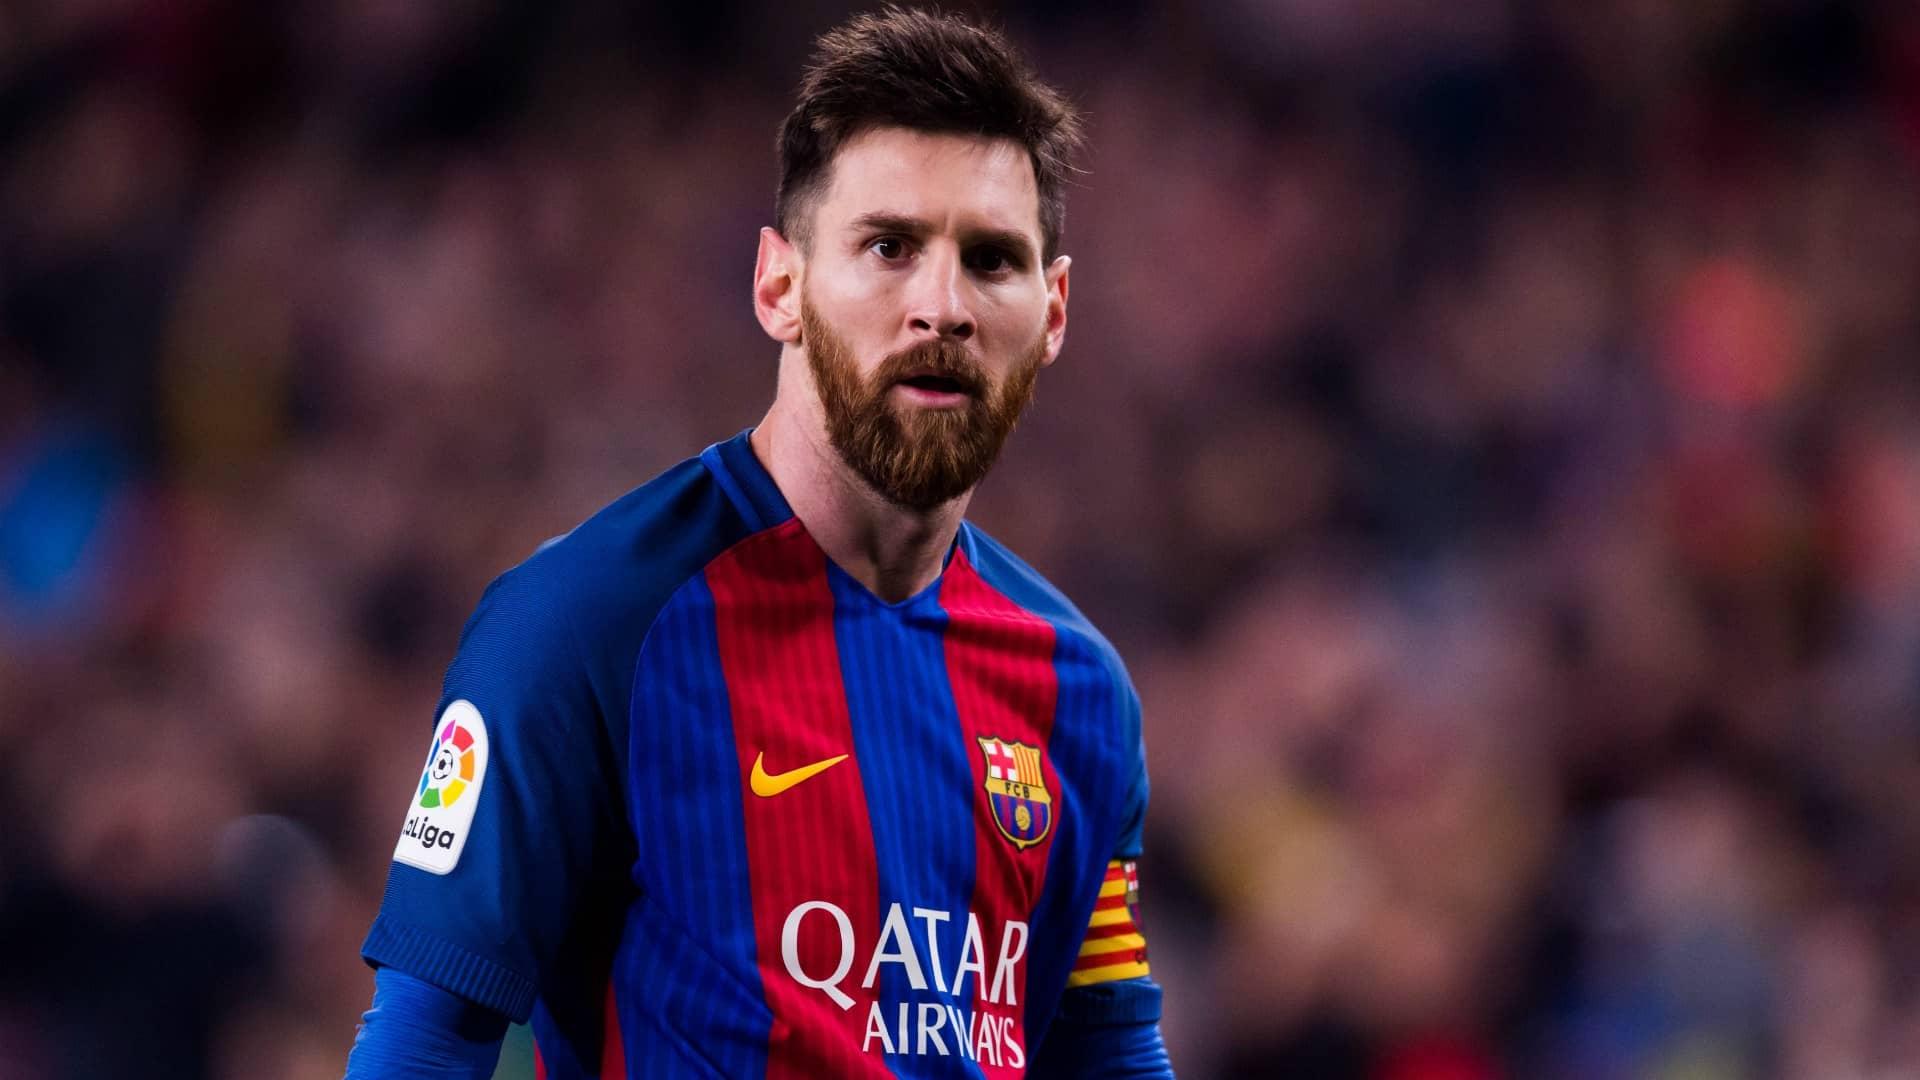 مسی ستاره آرژانتینی قراردادش را تا سال 2021 با بارسلونا تمدید کرده است